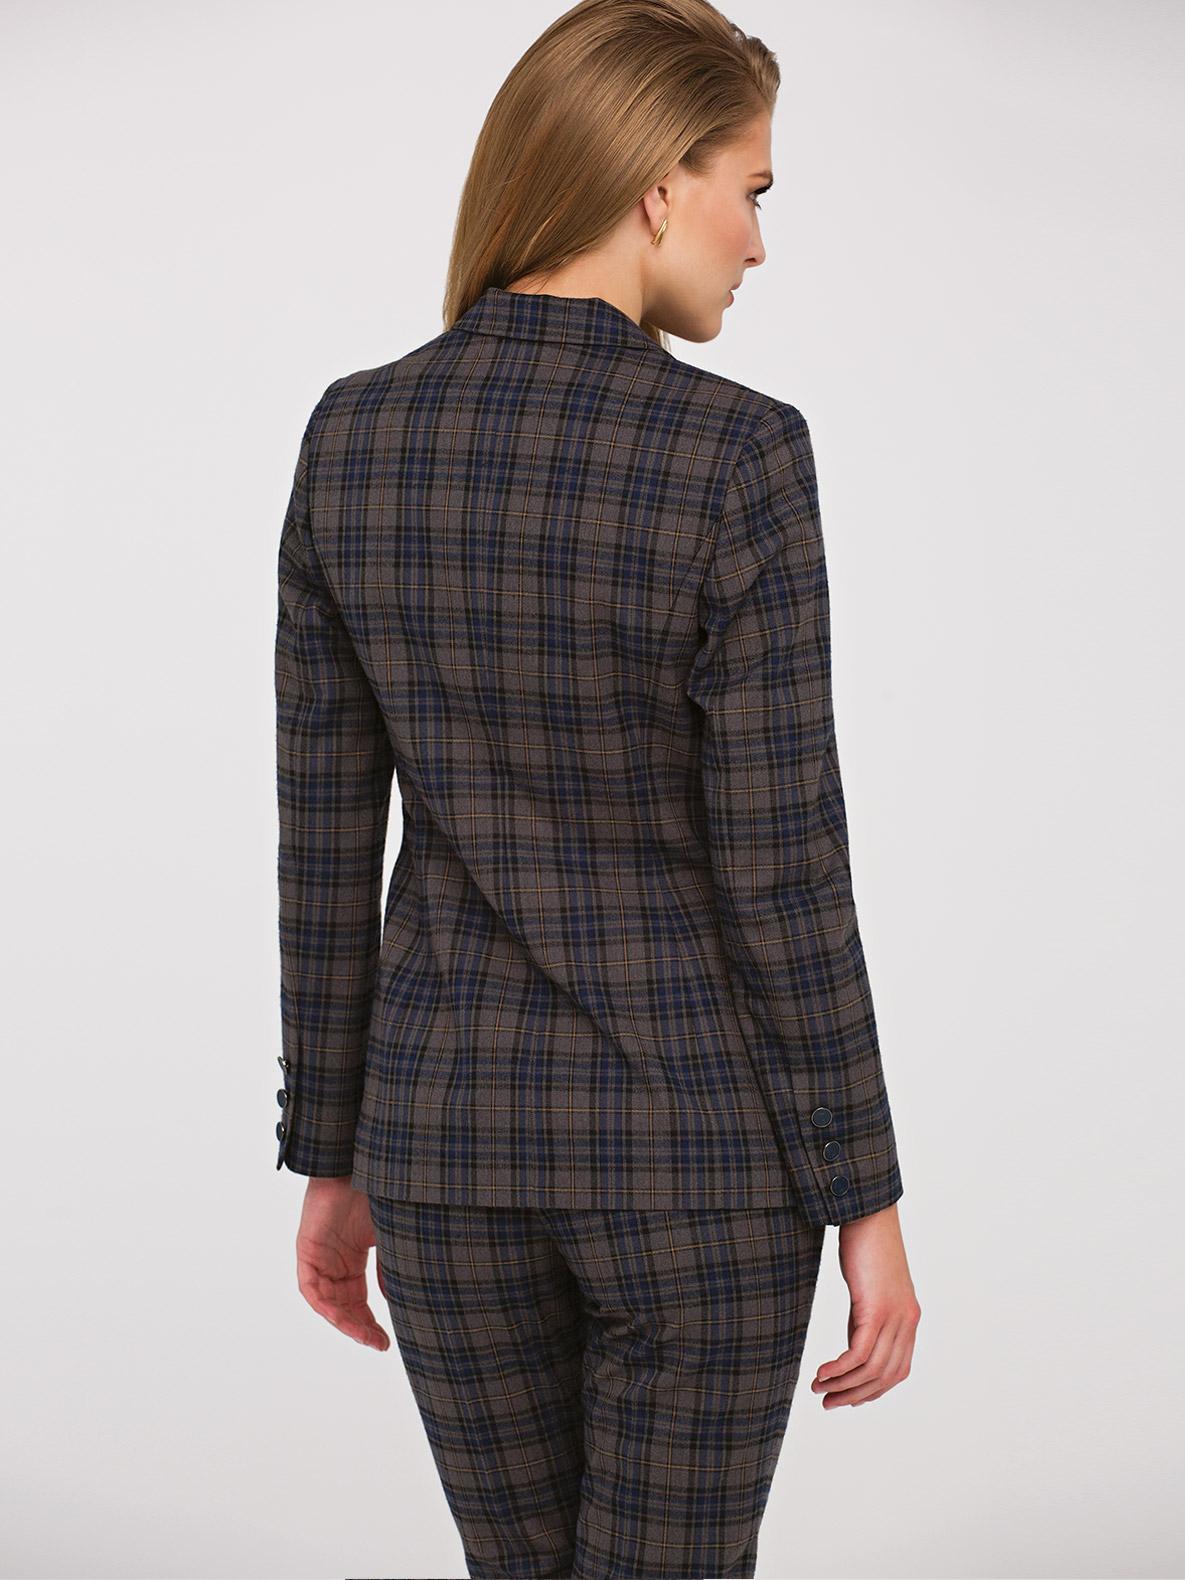 Jacket Agat